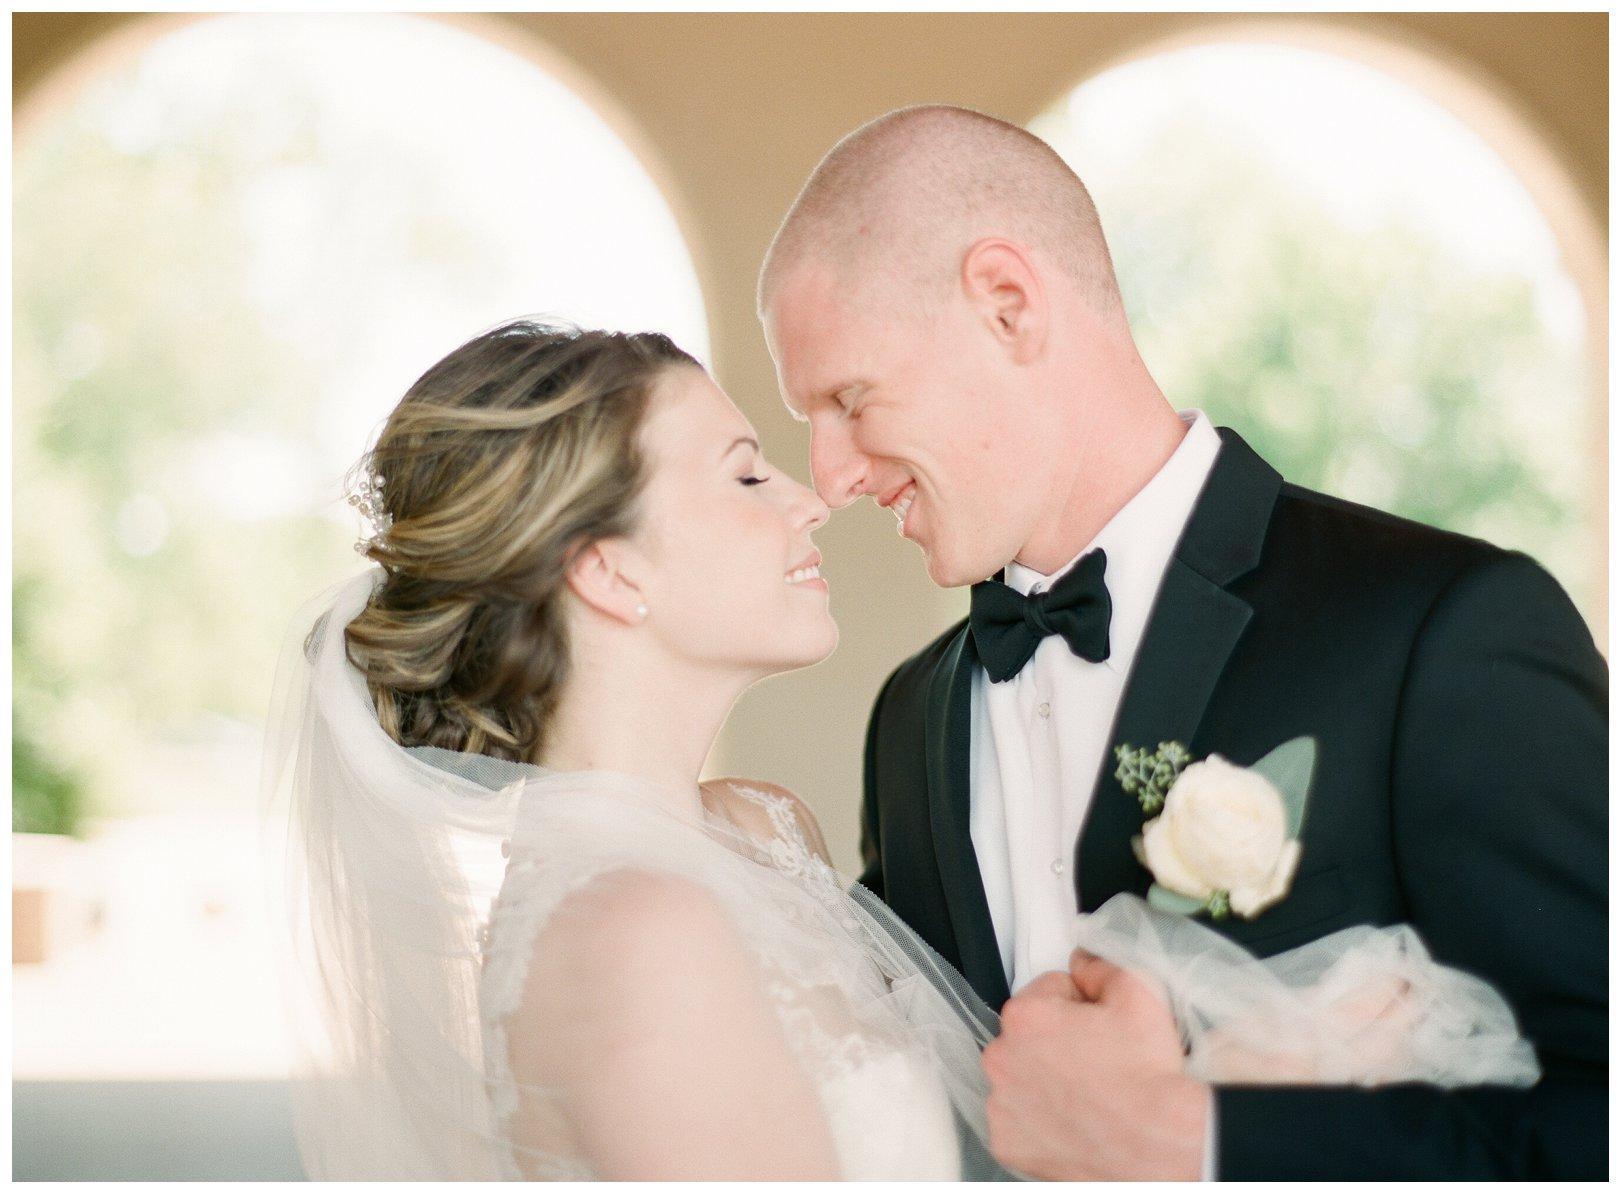 lauren muckler photography_fine art film wedding photography_st louis_photography_1315.jpg